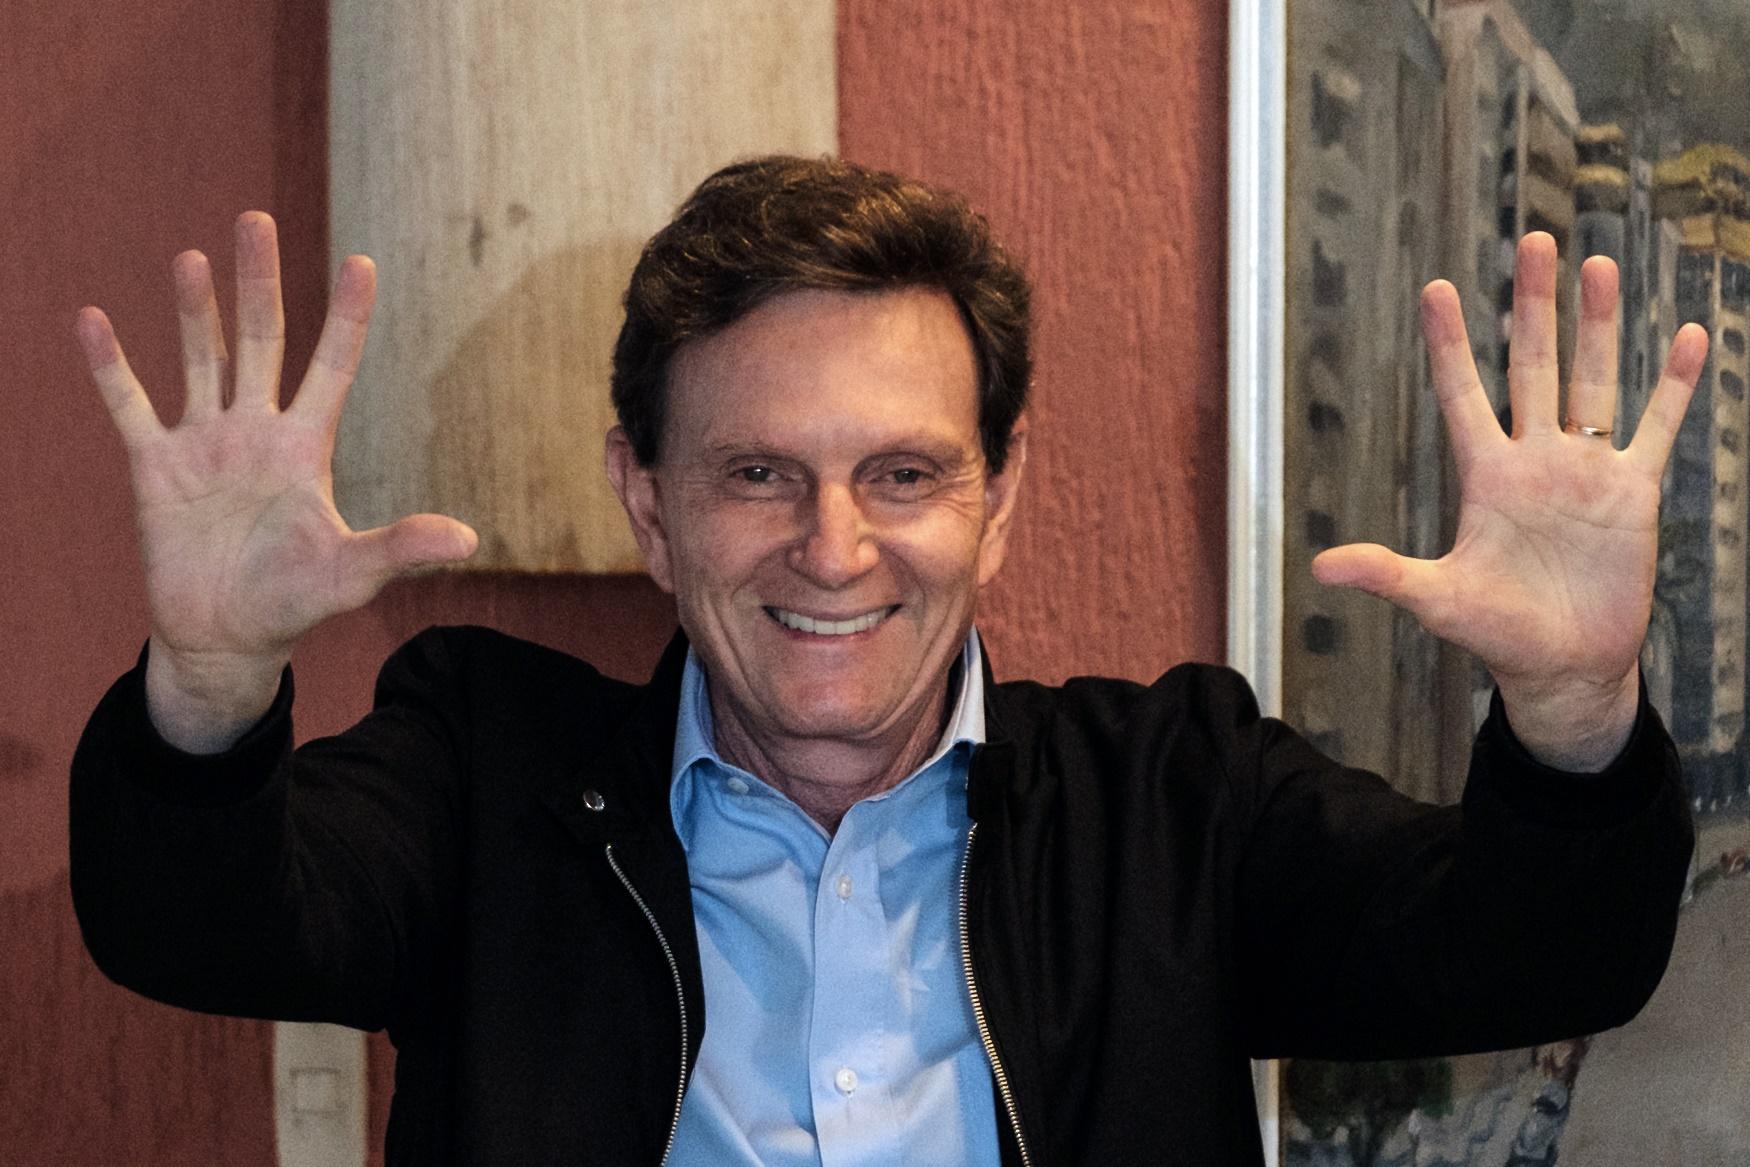 Para a professora Christina Vital, vários fatores influenciaram na vitória de Marcelo Crivella no Rio e não apenas o fato de ele ser evangélico. Foto Yosuyoshi Chiba/AFP